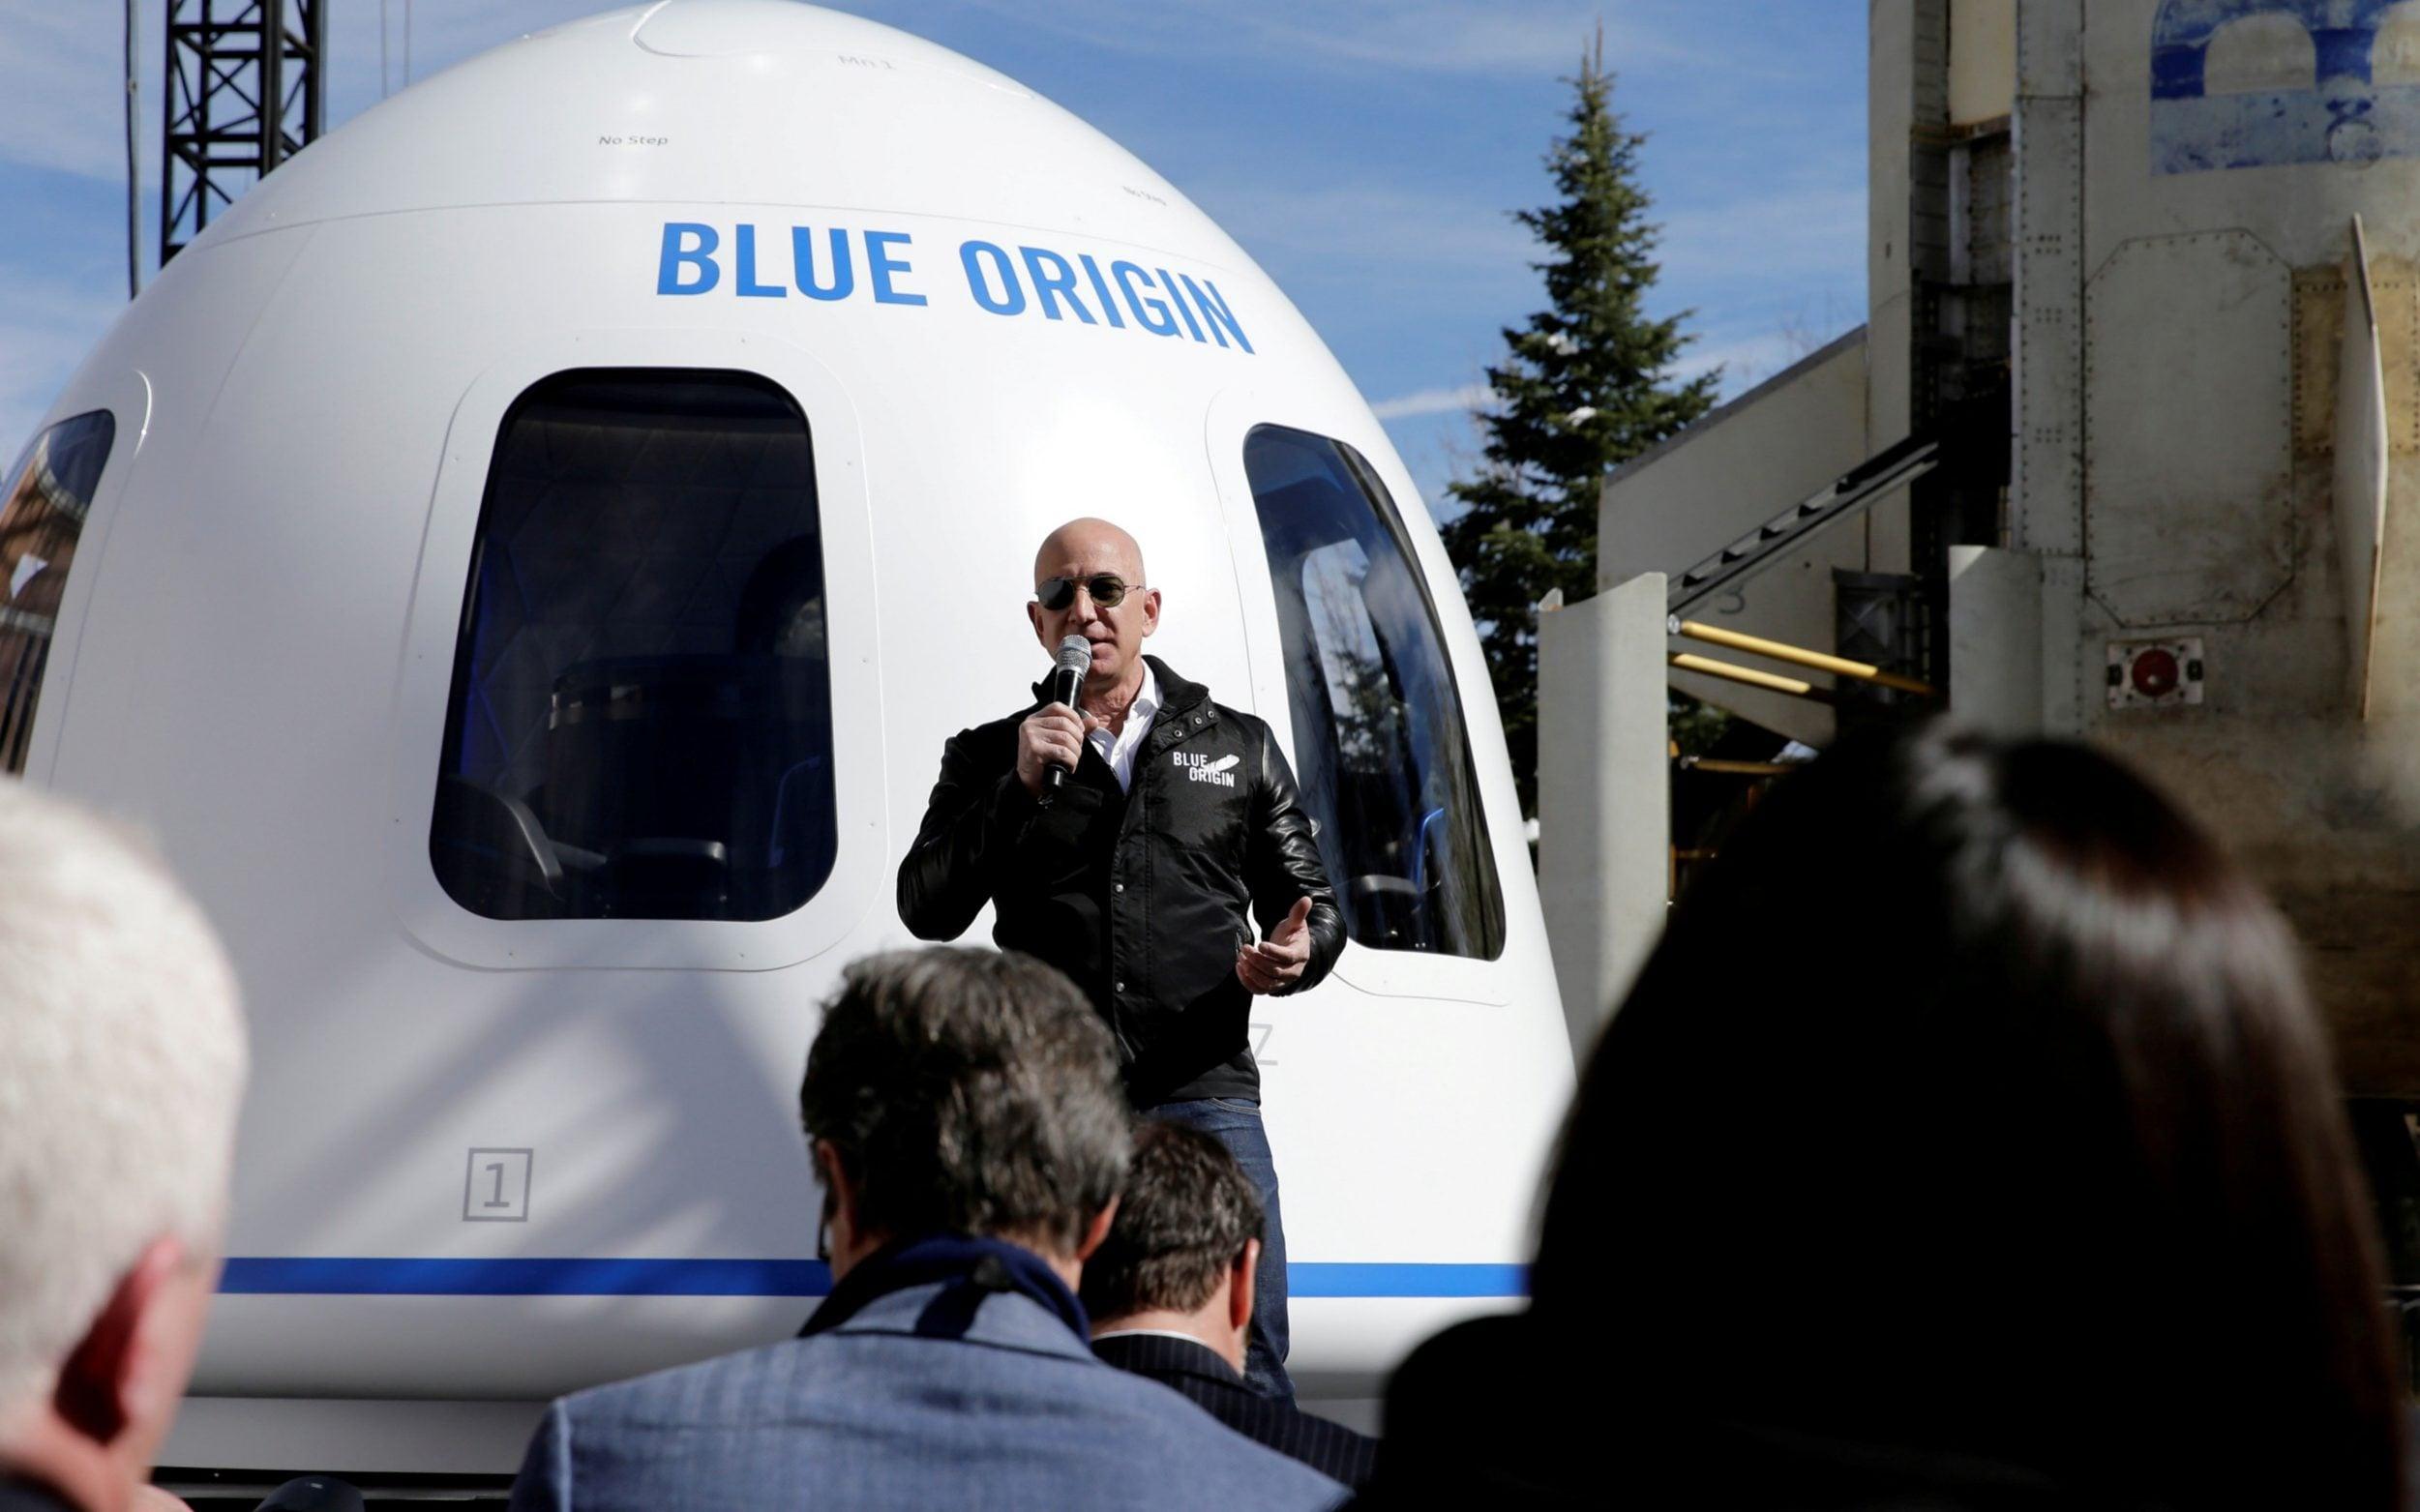 """亚马逊CEO宣布旗下太公公司""""蓝色起源"""" 将开启首个客运航班"""